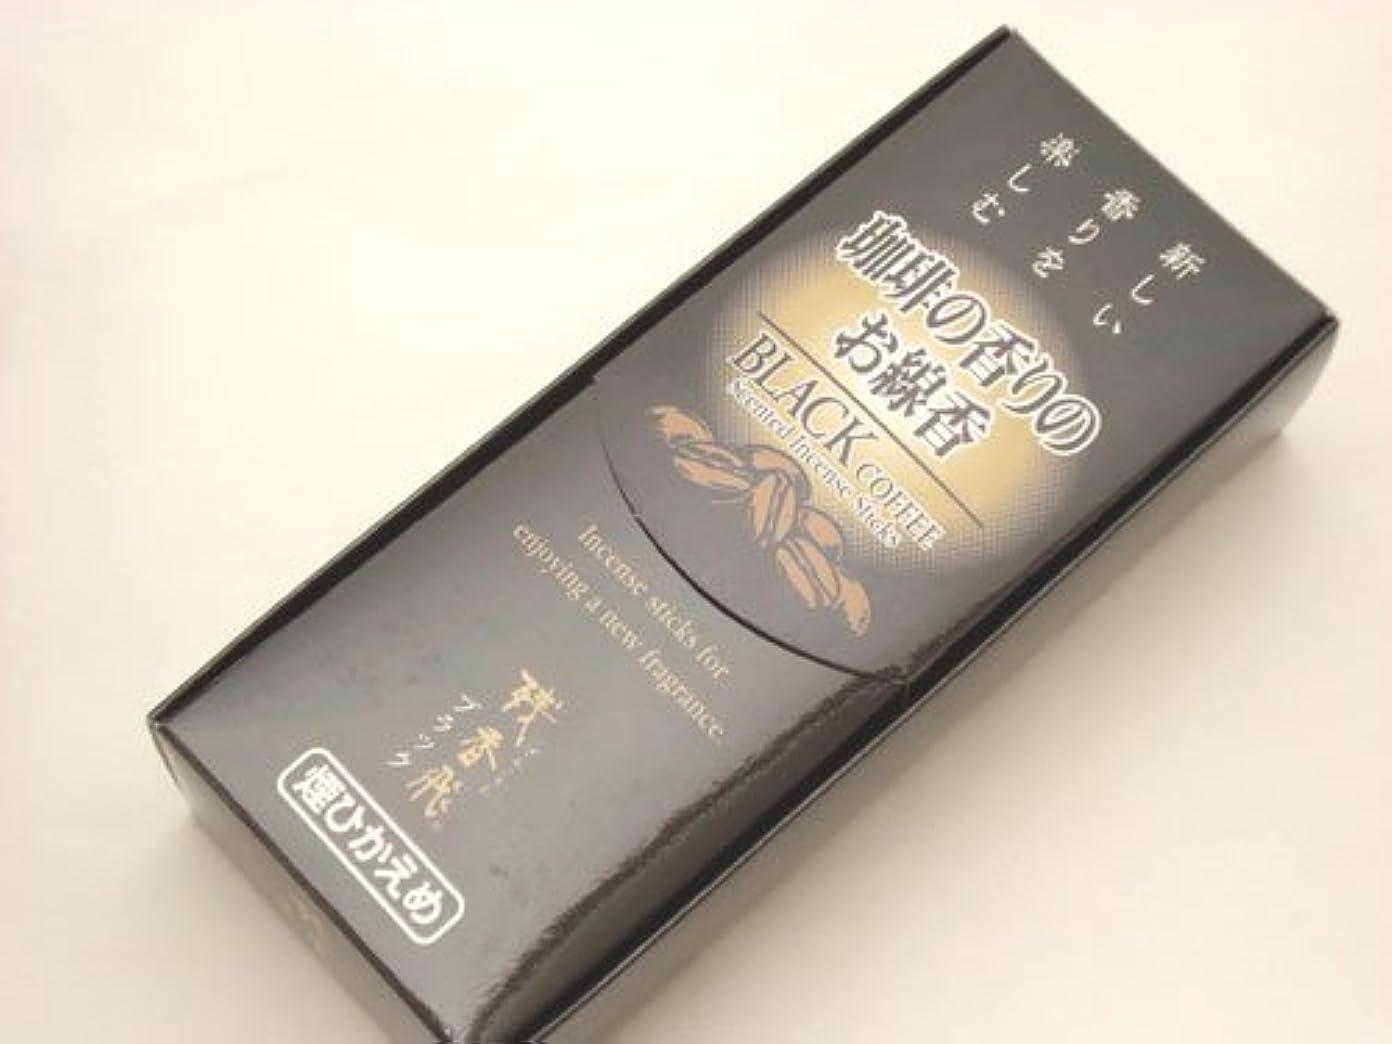 回復する荒らす悪魔コ-ヒーの香り 微煙タイプ【残香飛ブラック】(ざんこうひぶらっく)